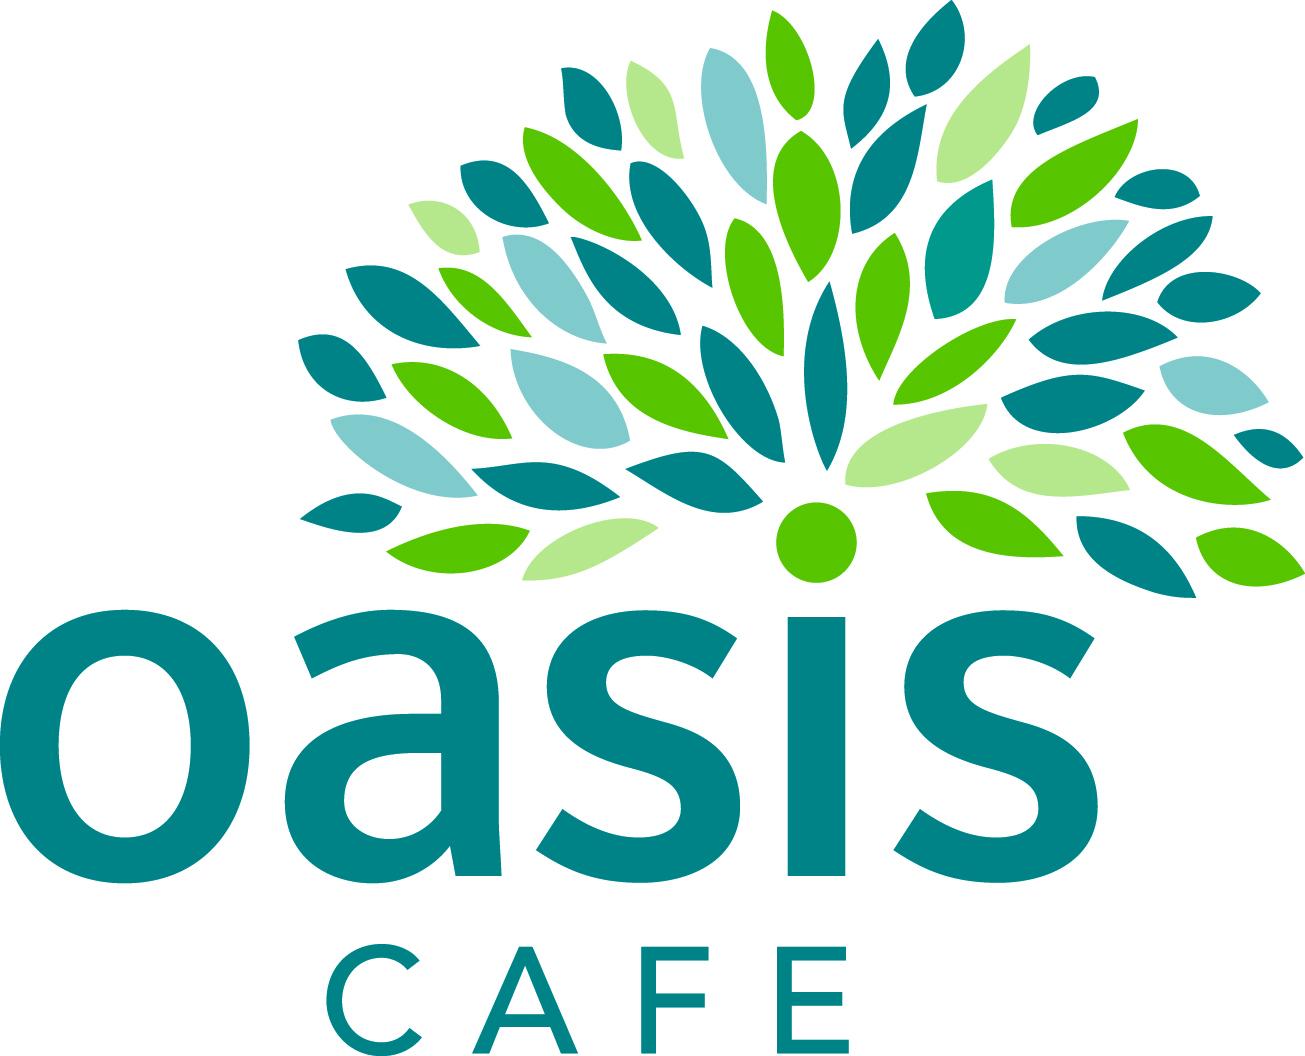 Oasis cafe logo.jpg